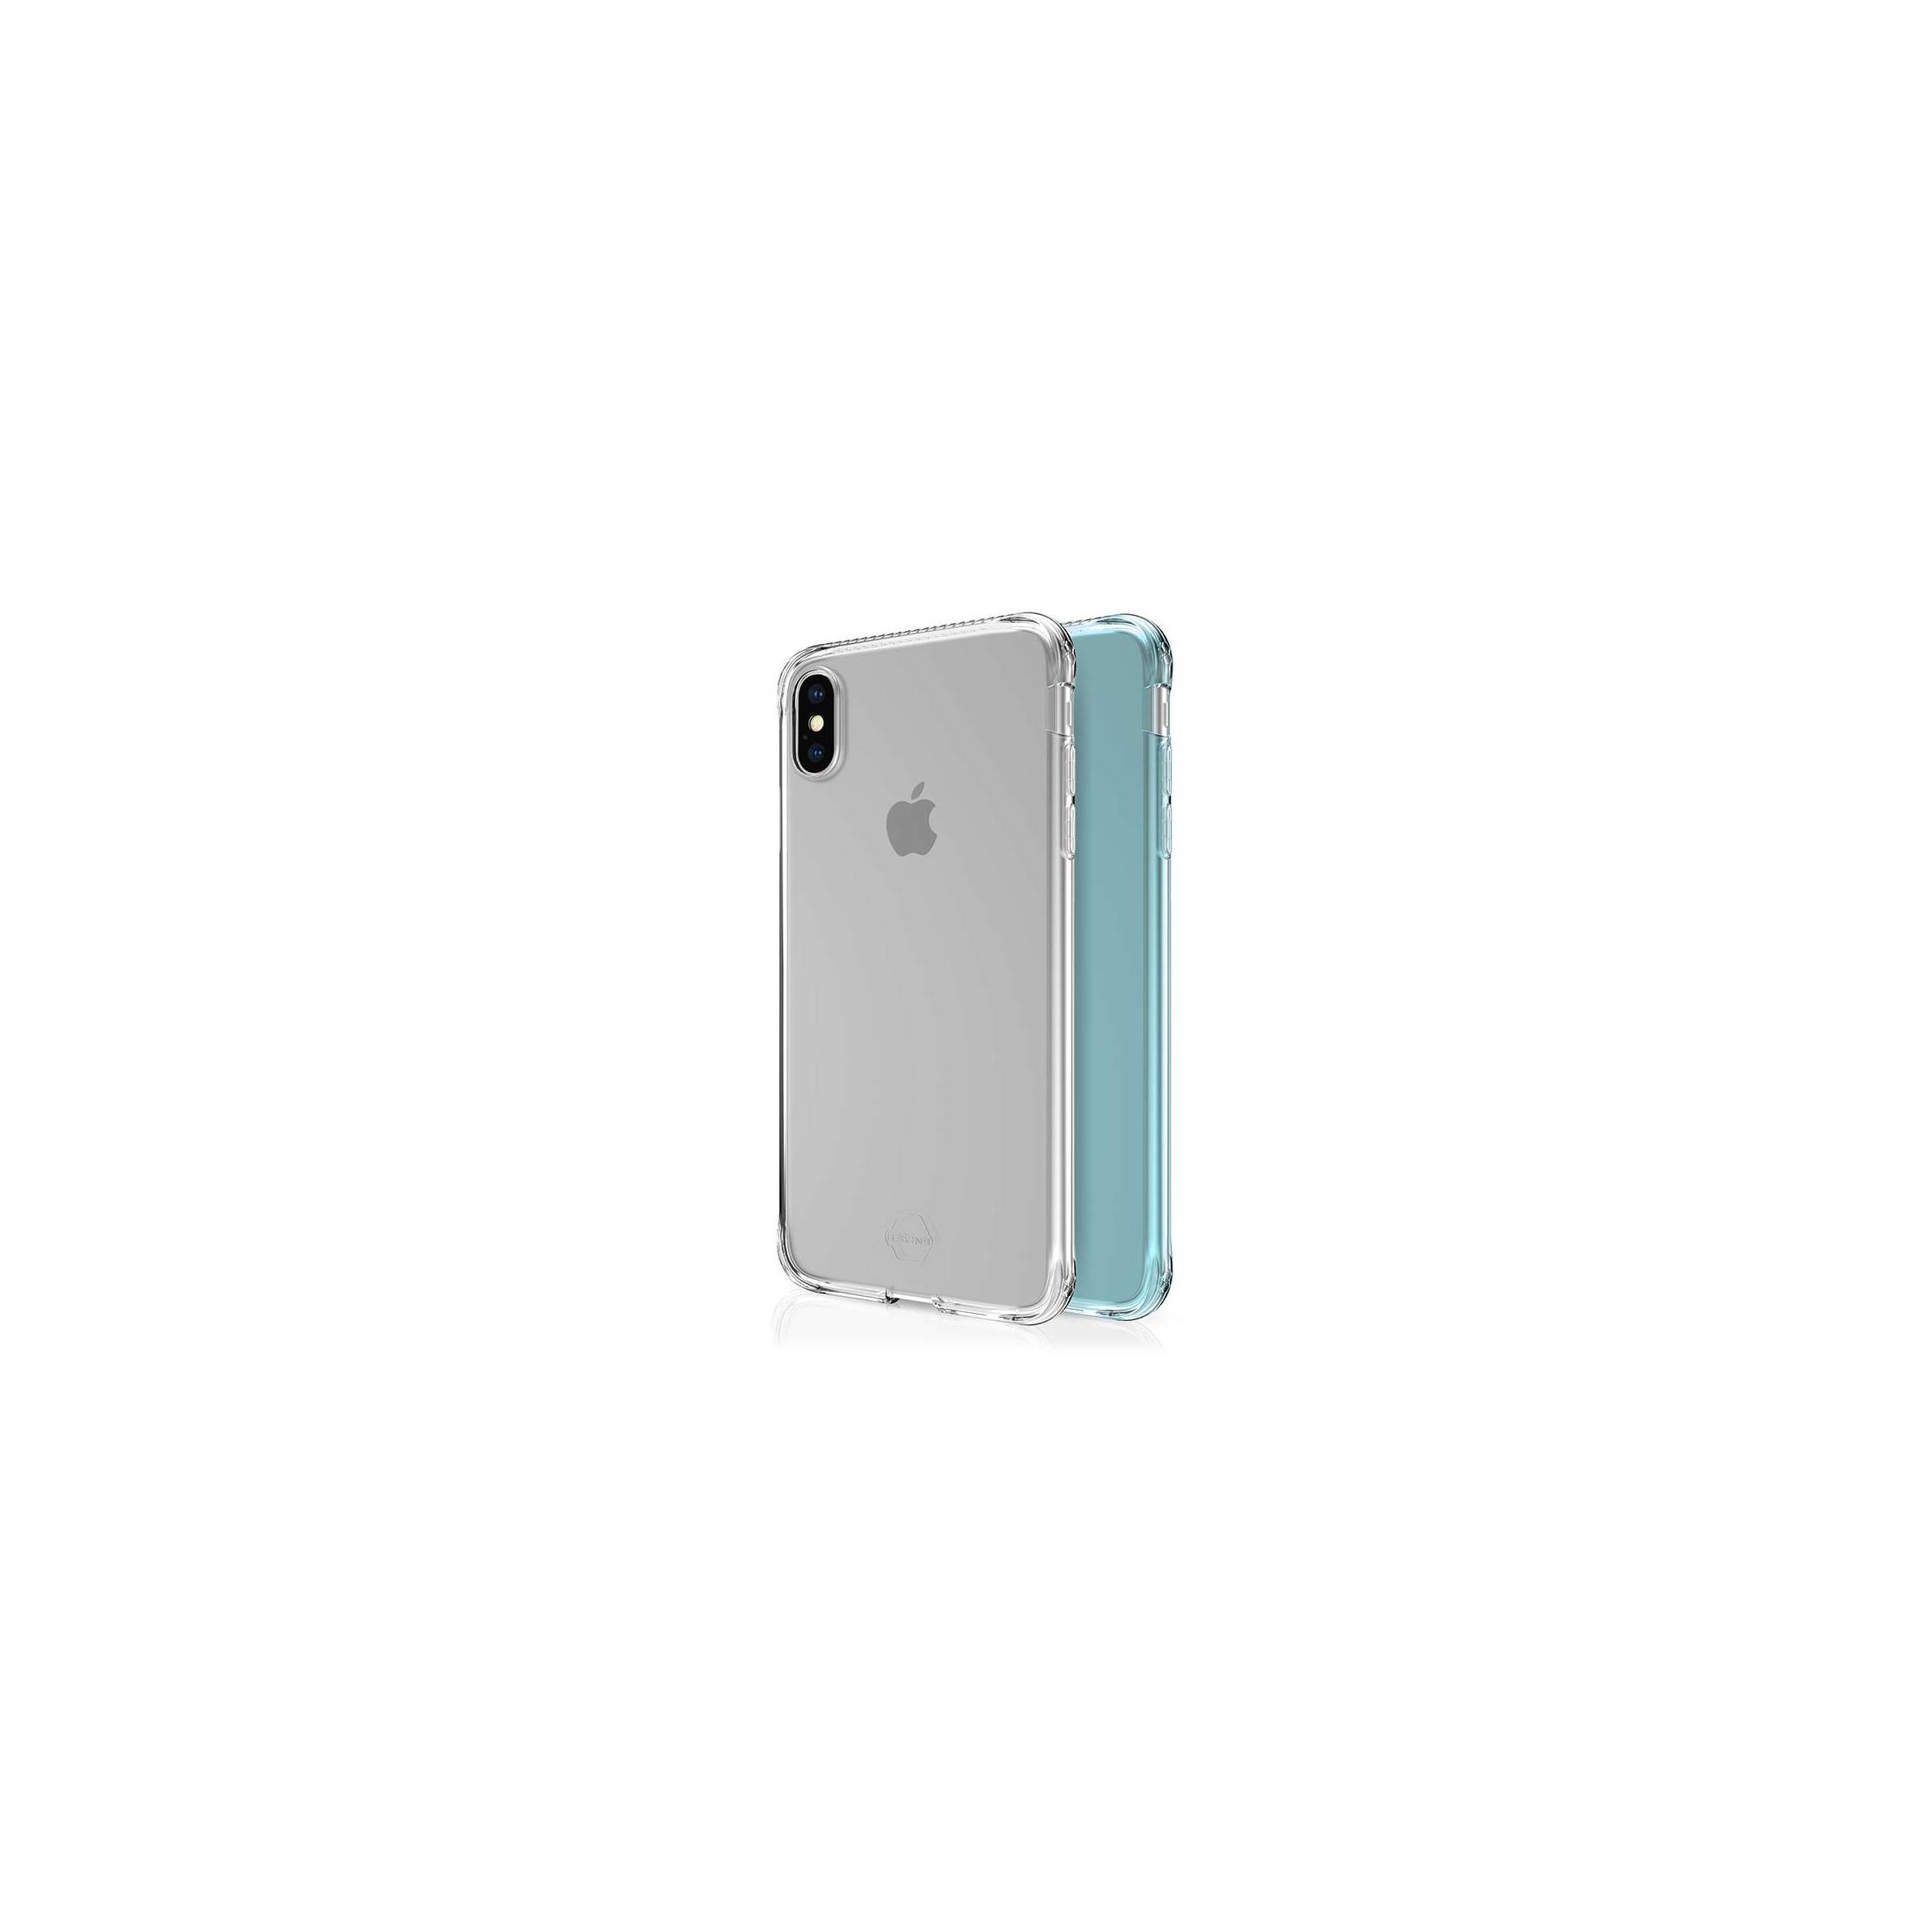 itskins Itskins slim silikone protect gel iphone xs max cover dobbelt 2x pakke farve klar & grøn på mackabler.dk